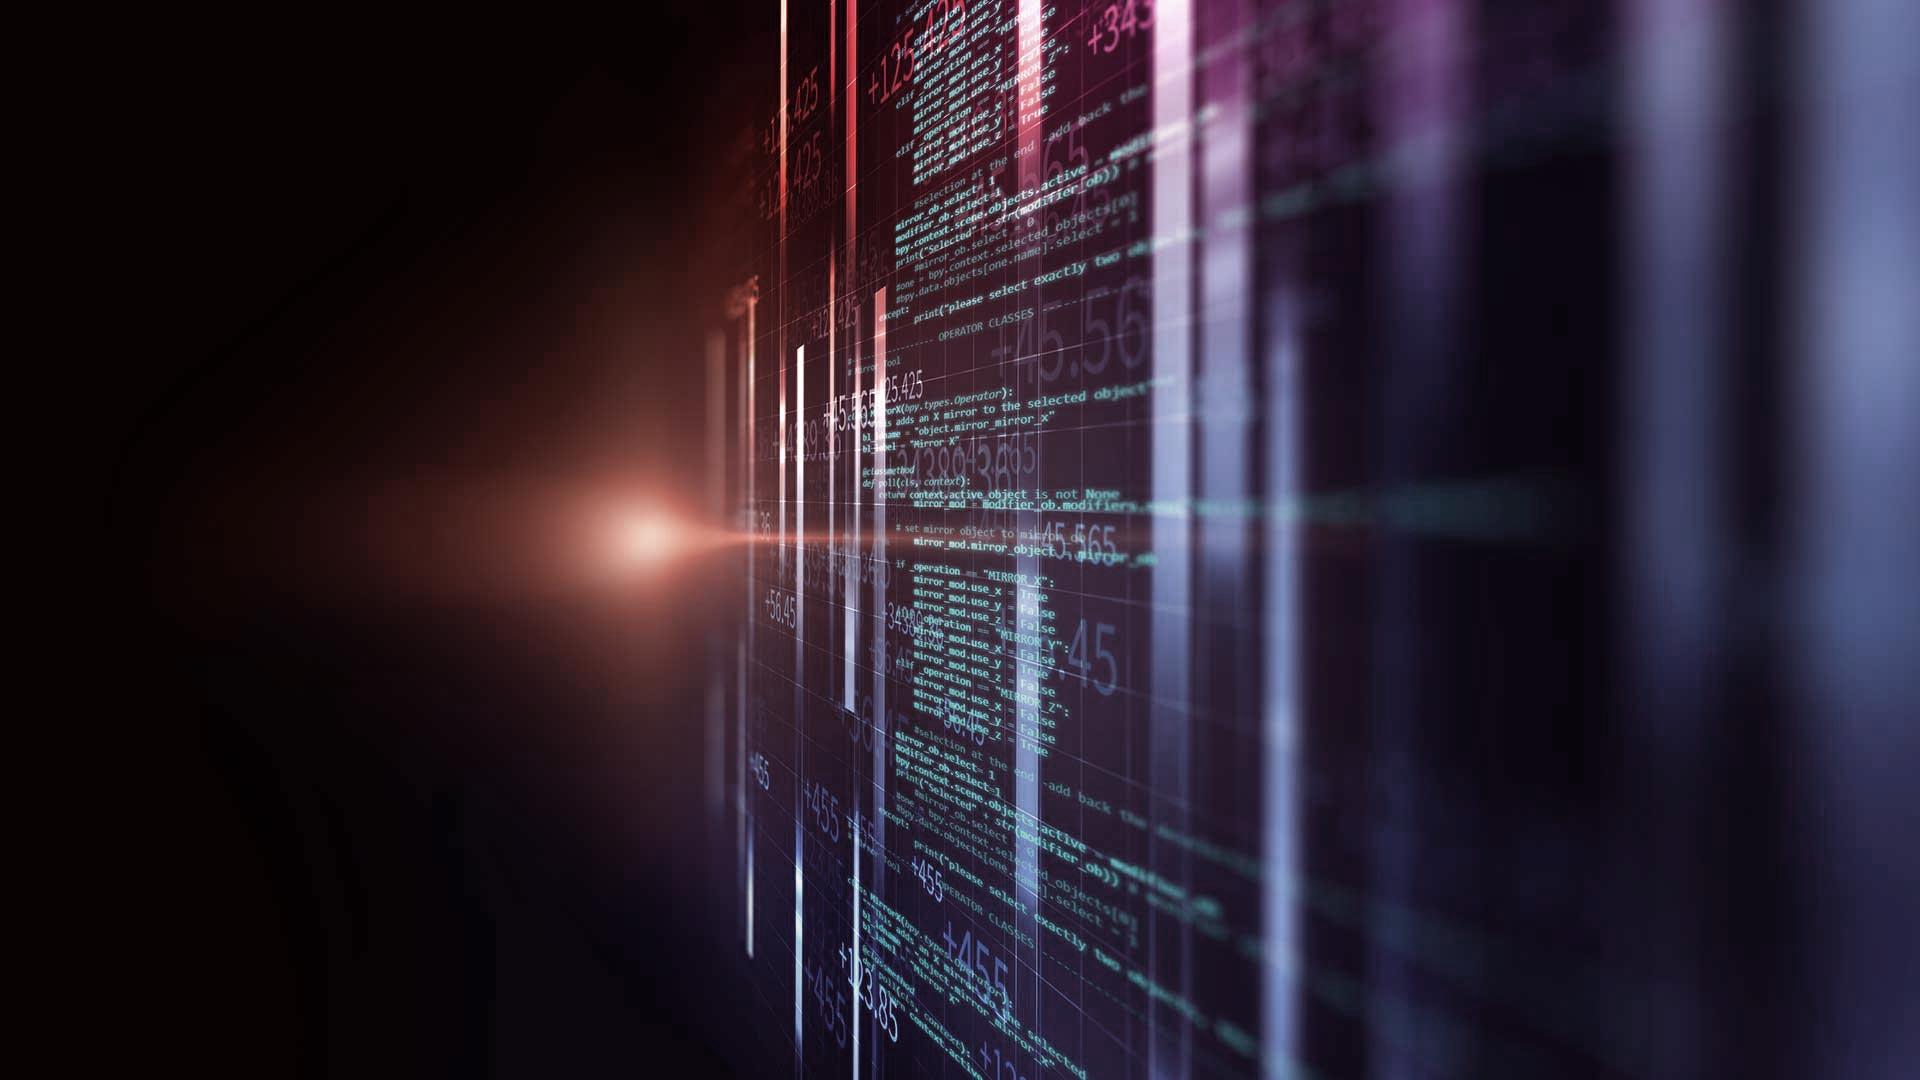 Image of code on Blue and orange background